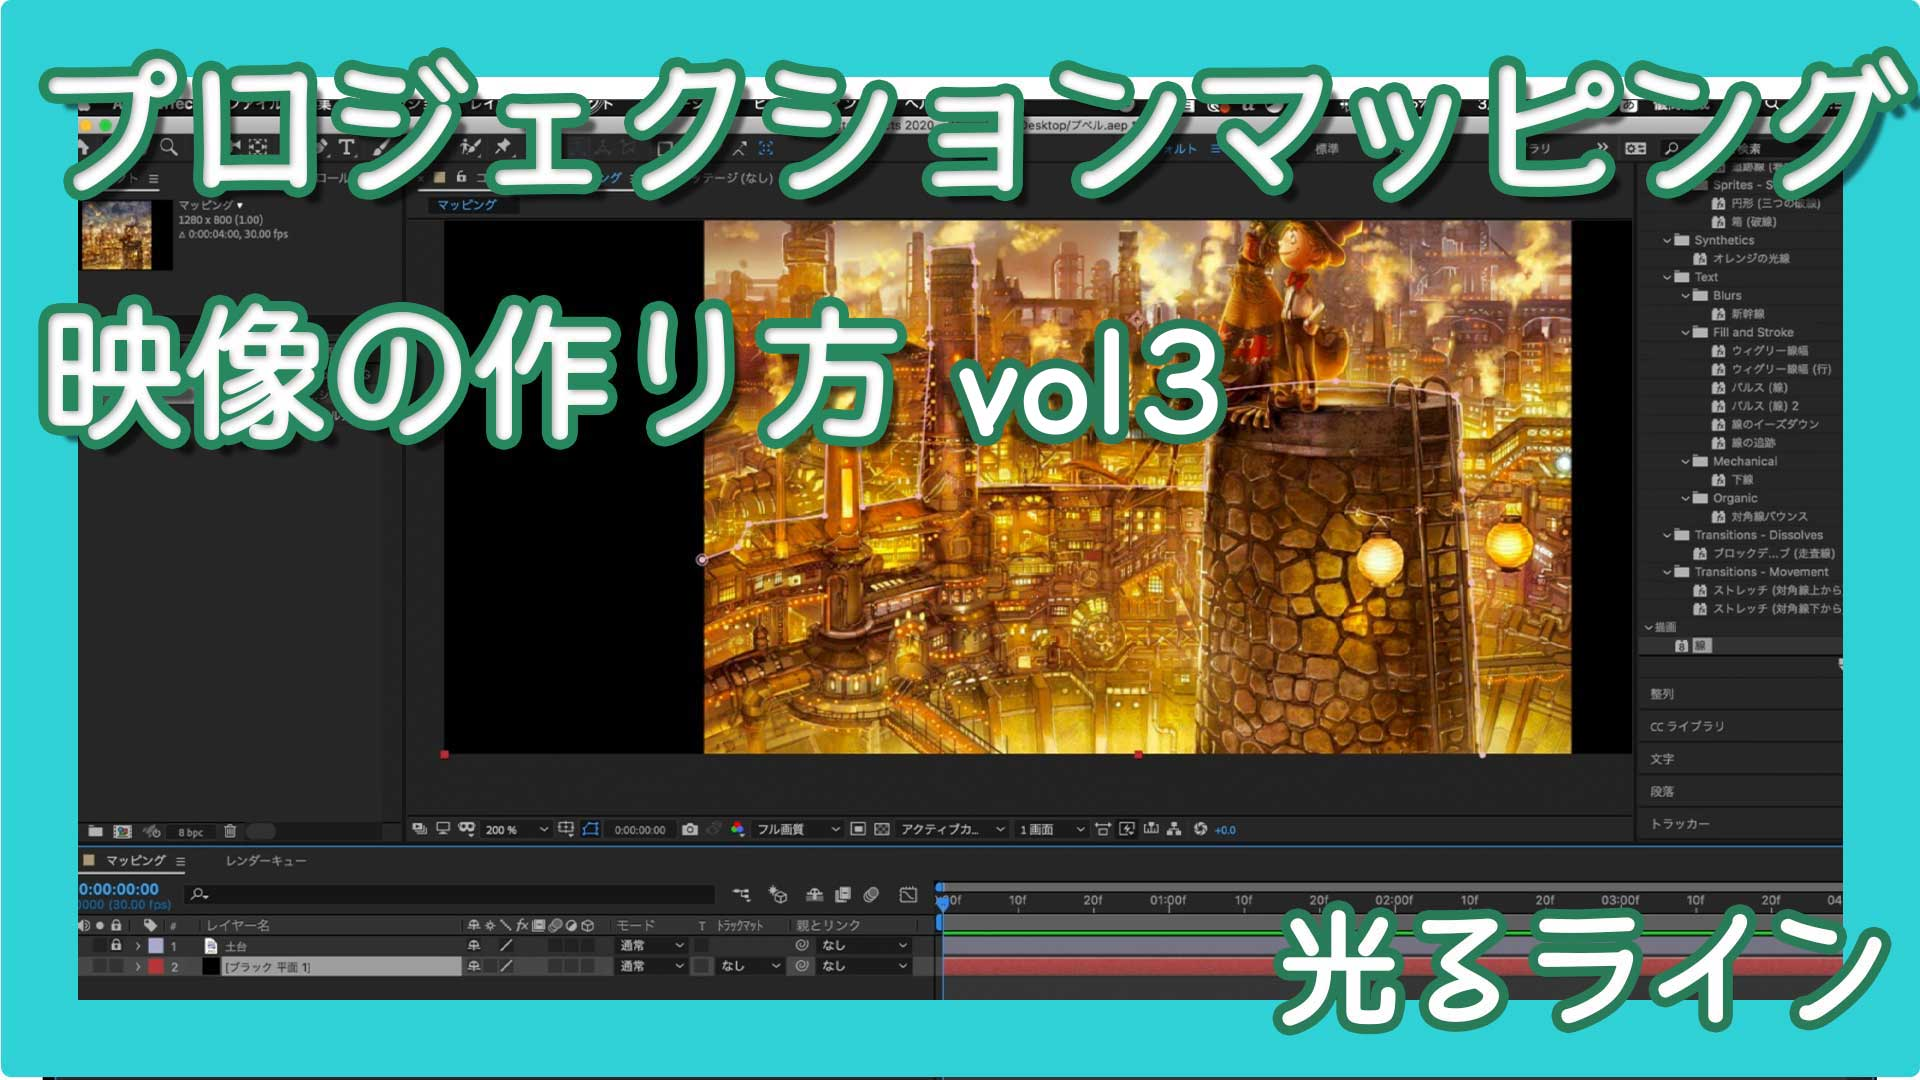 プロジェクションマッピング 映像の作り方 ライン3